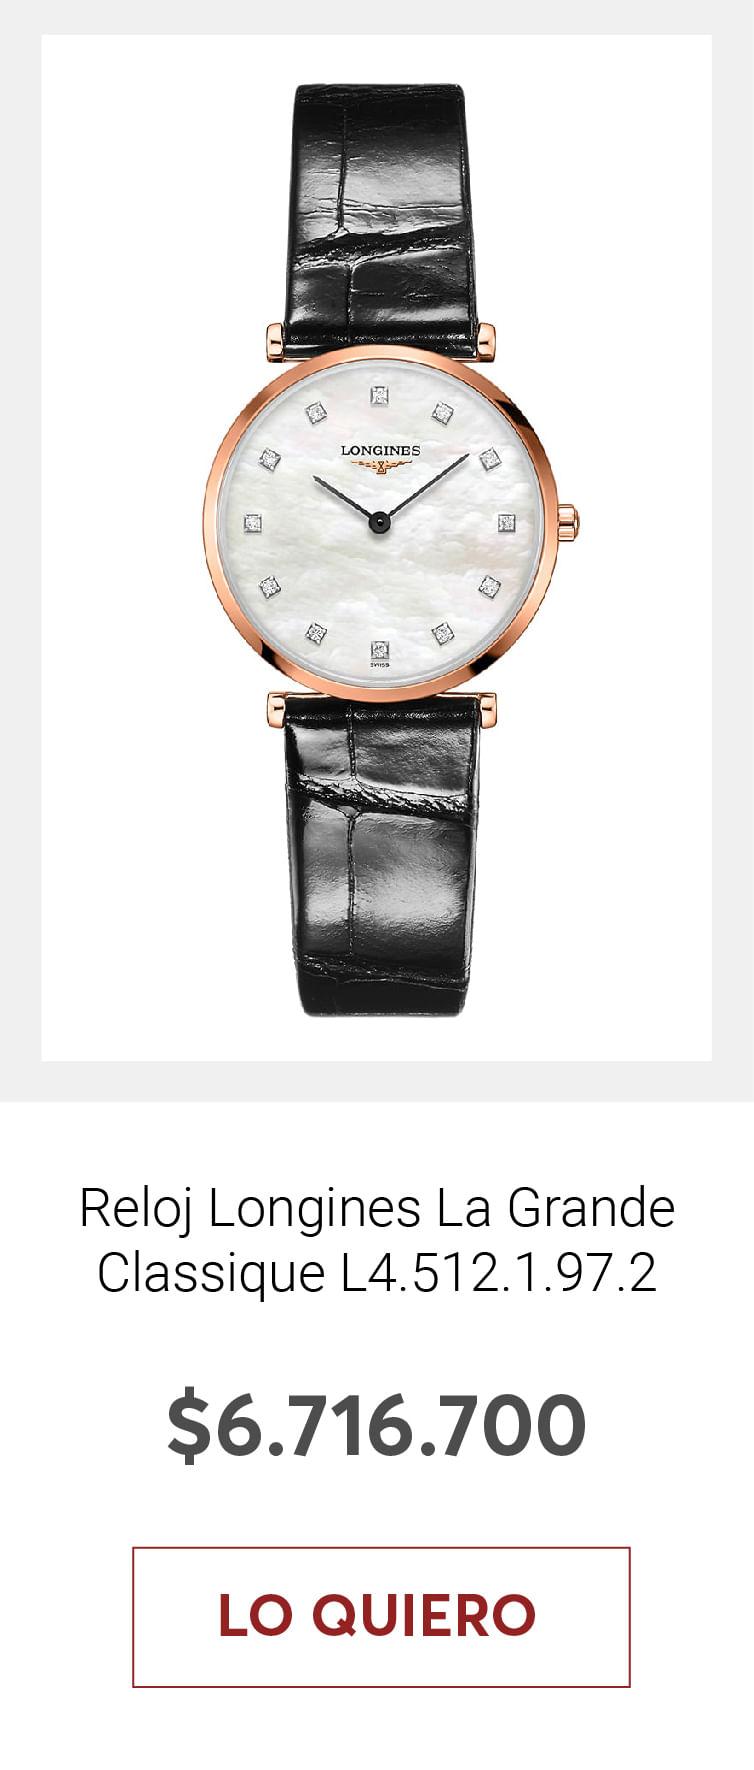 Reloj Longines La Grande Classique L4.512.1.97.2